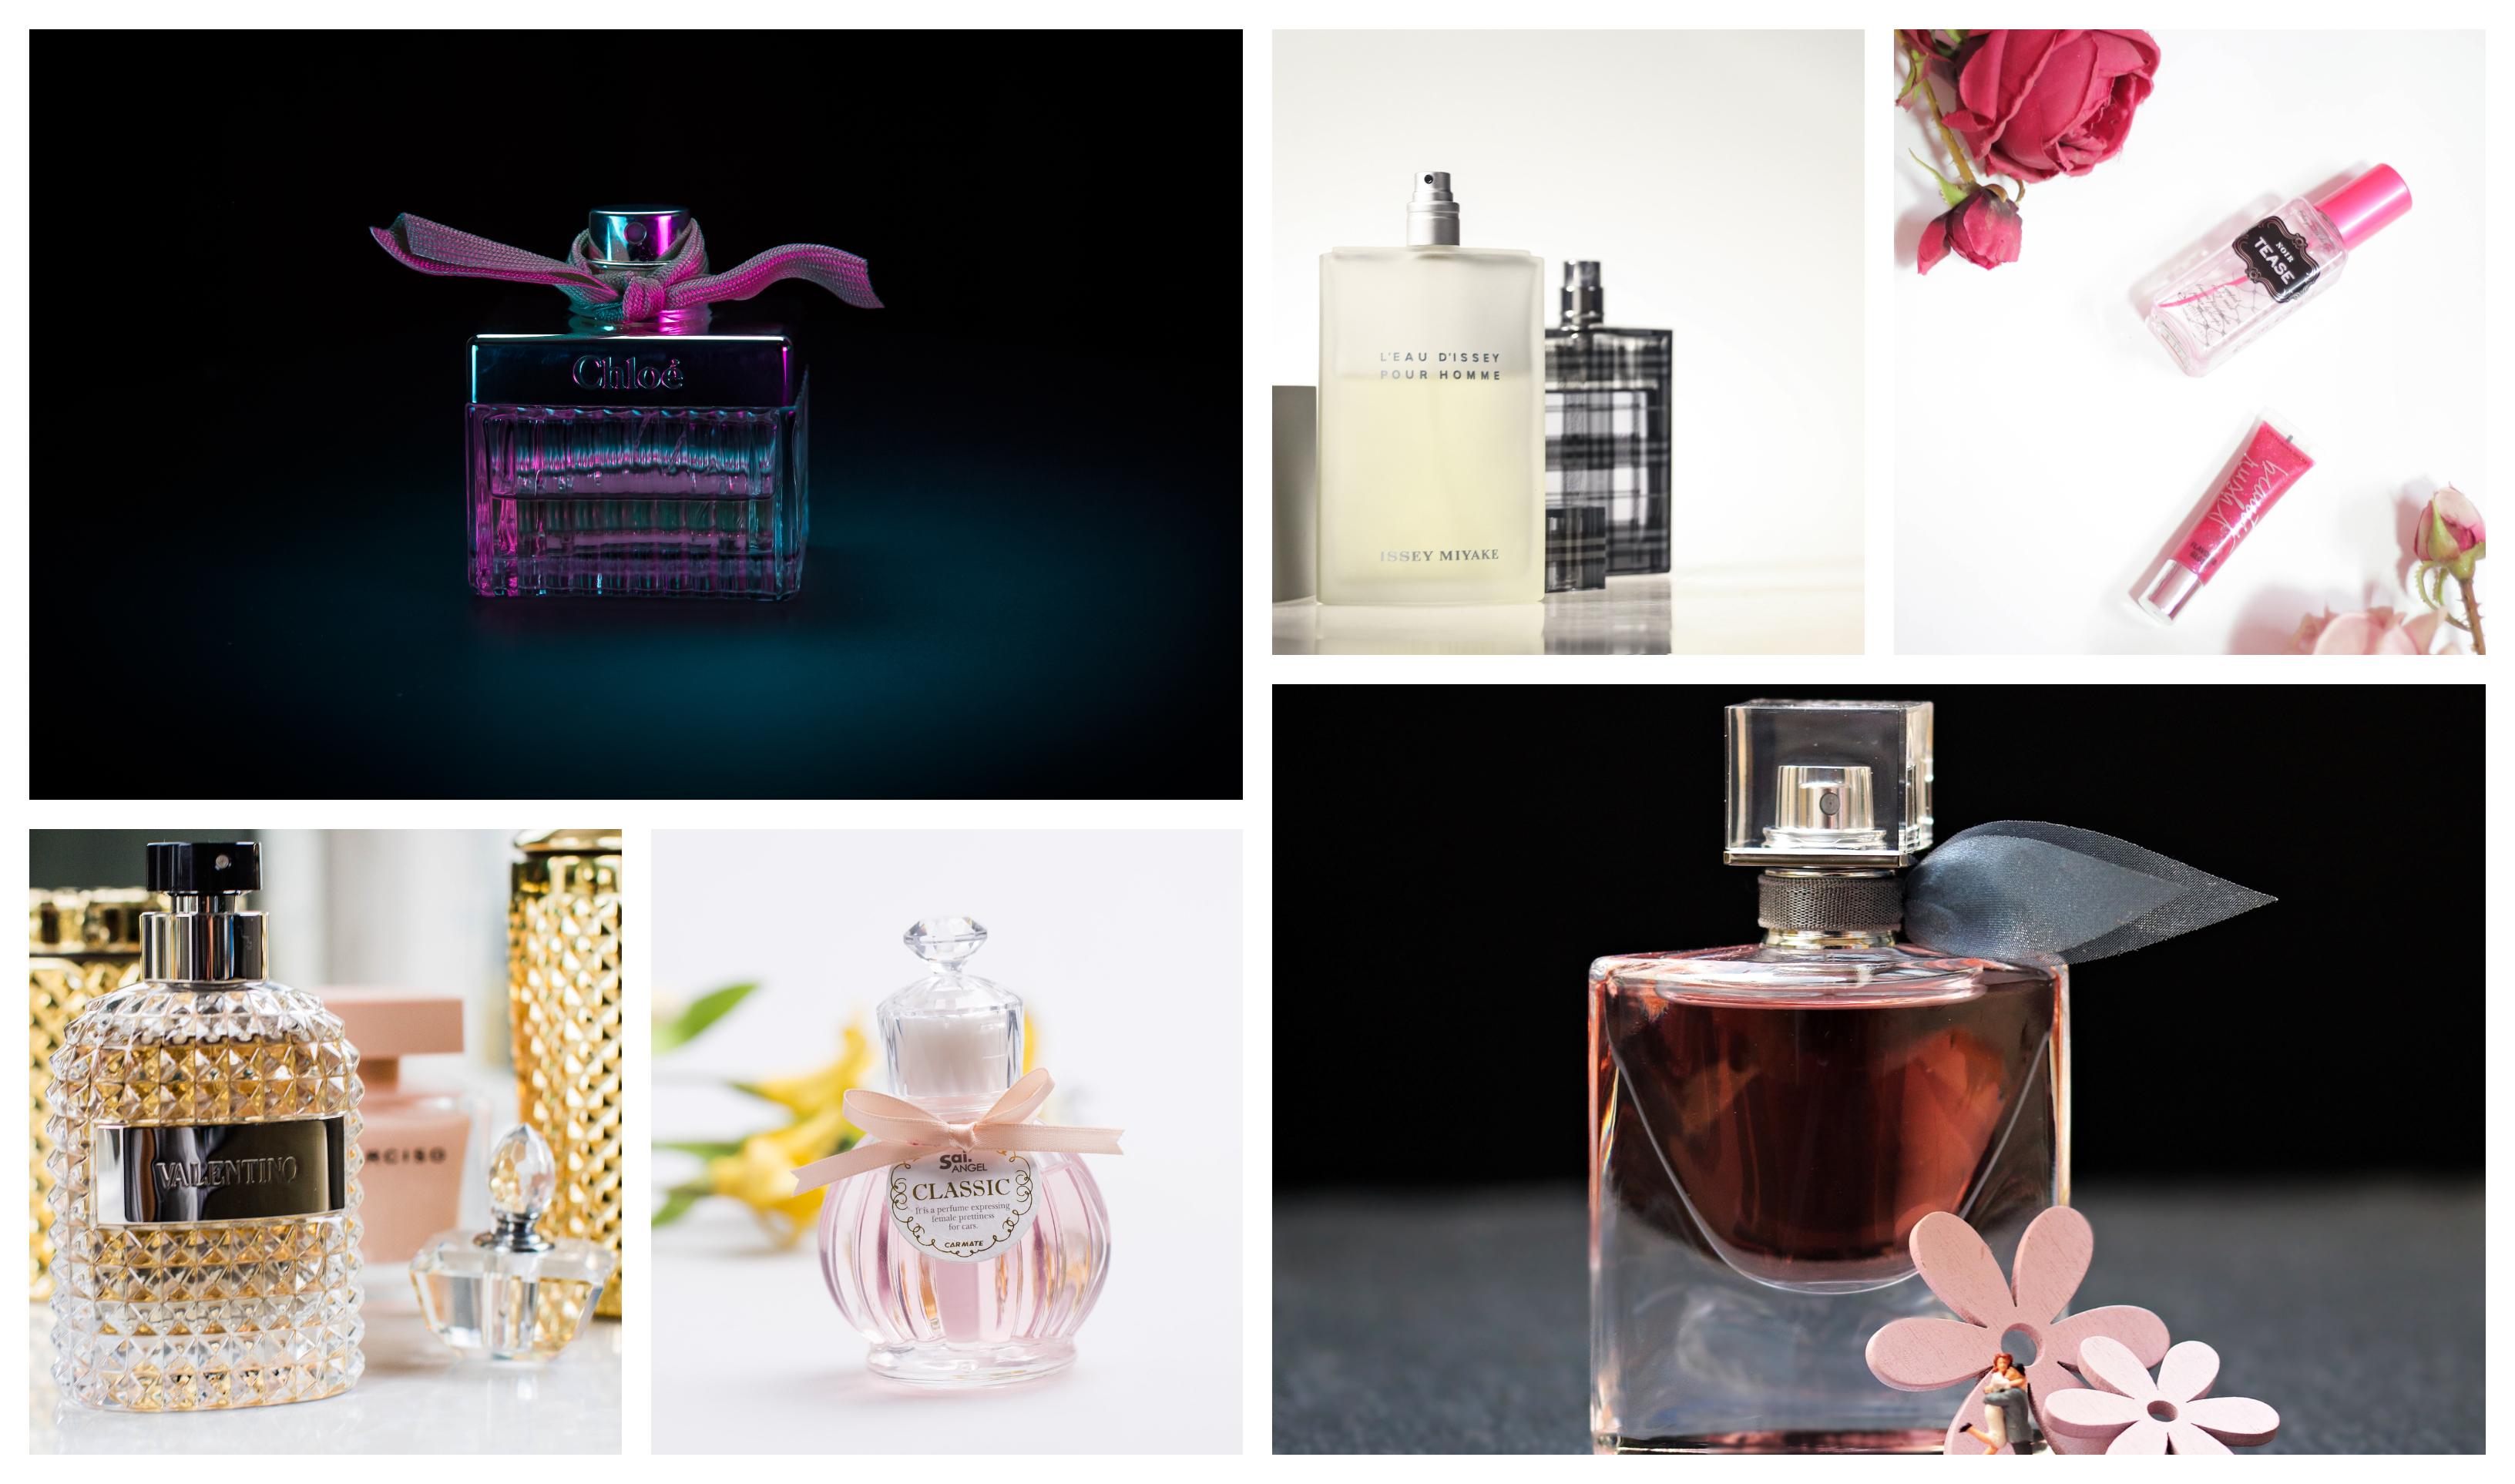 Choisir un parfum comme cadeau est plus facile que vous ne le pensez